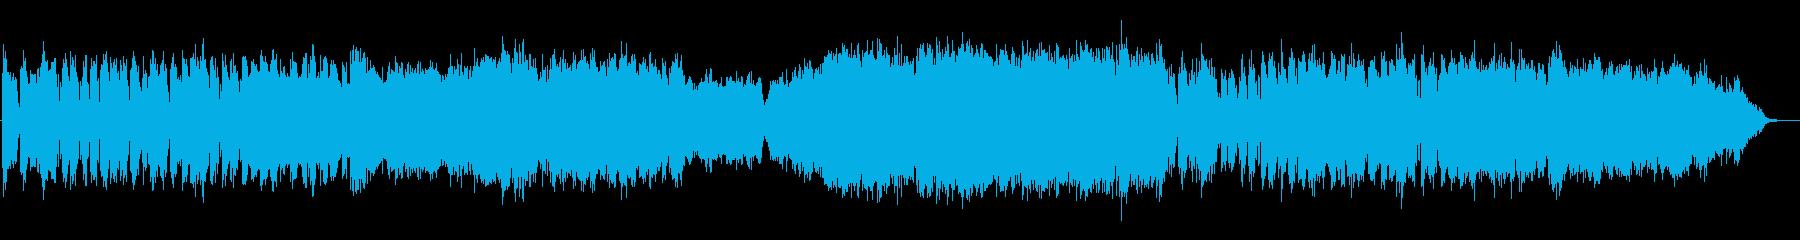 力強く華やかな、生演奏トランペットマーチの再生済みの波形